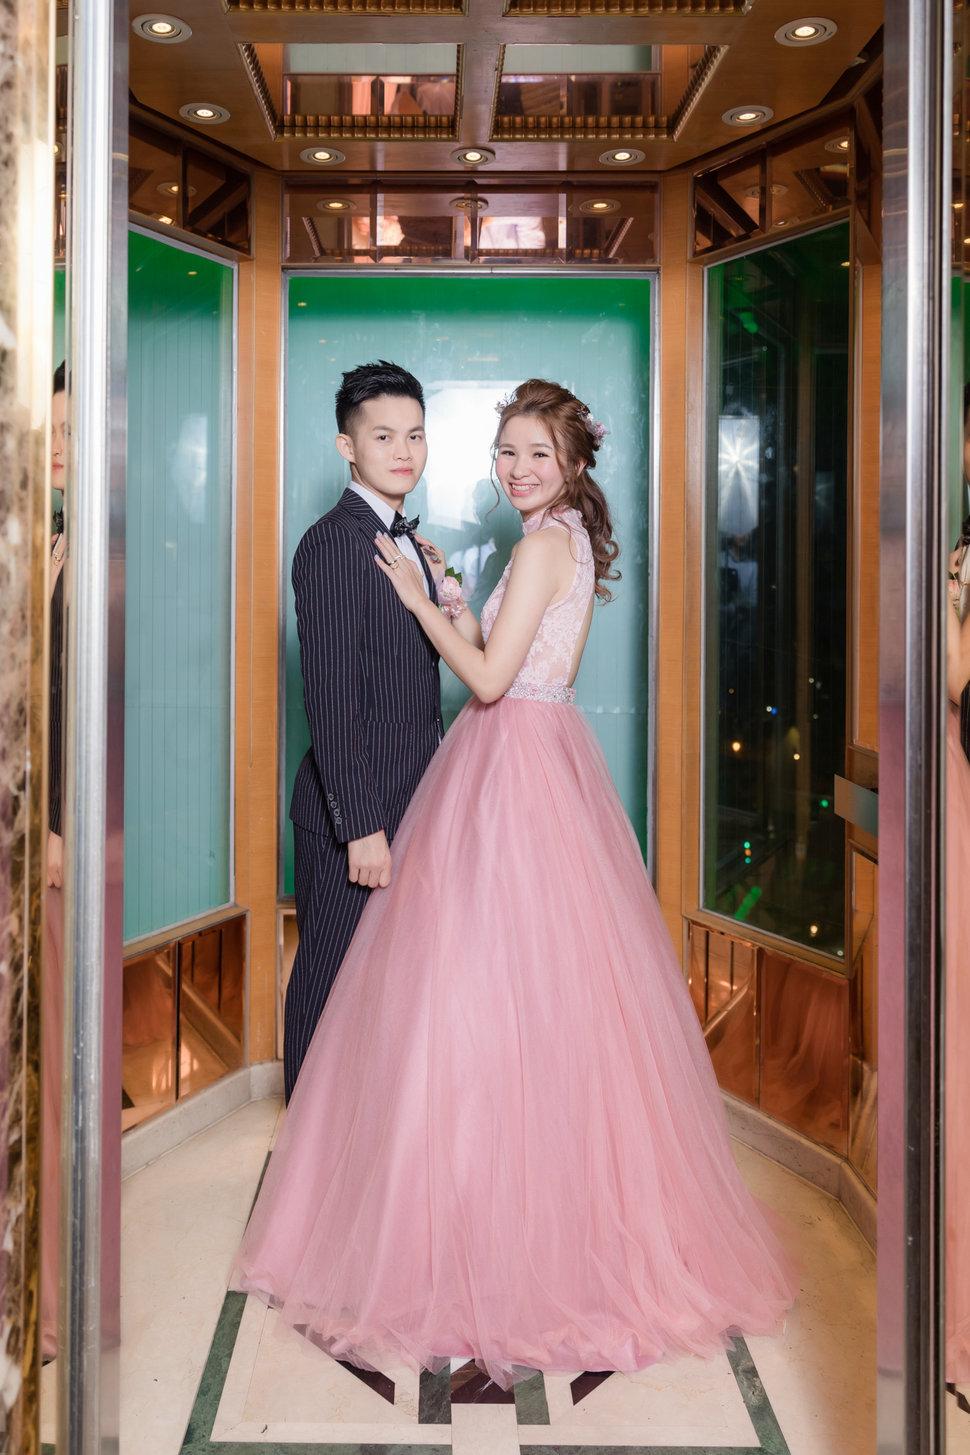 JEFF0617 - jeffphotography - 結婚吧